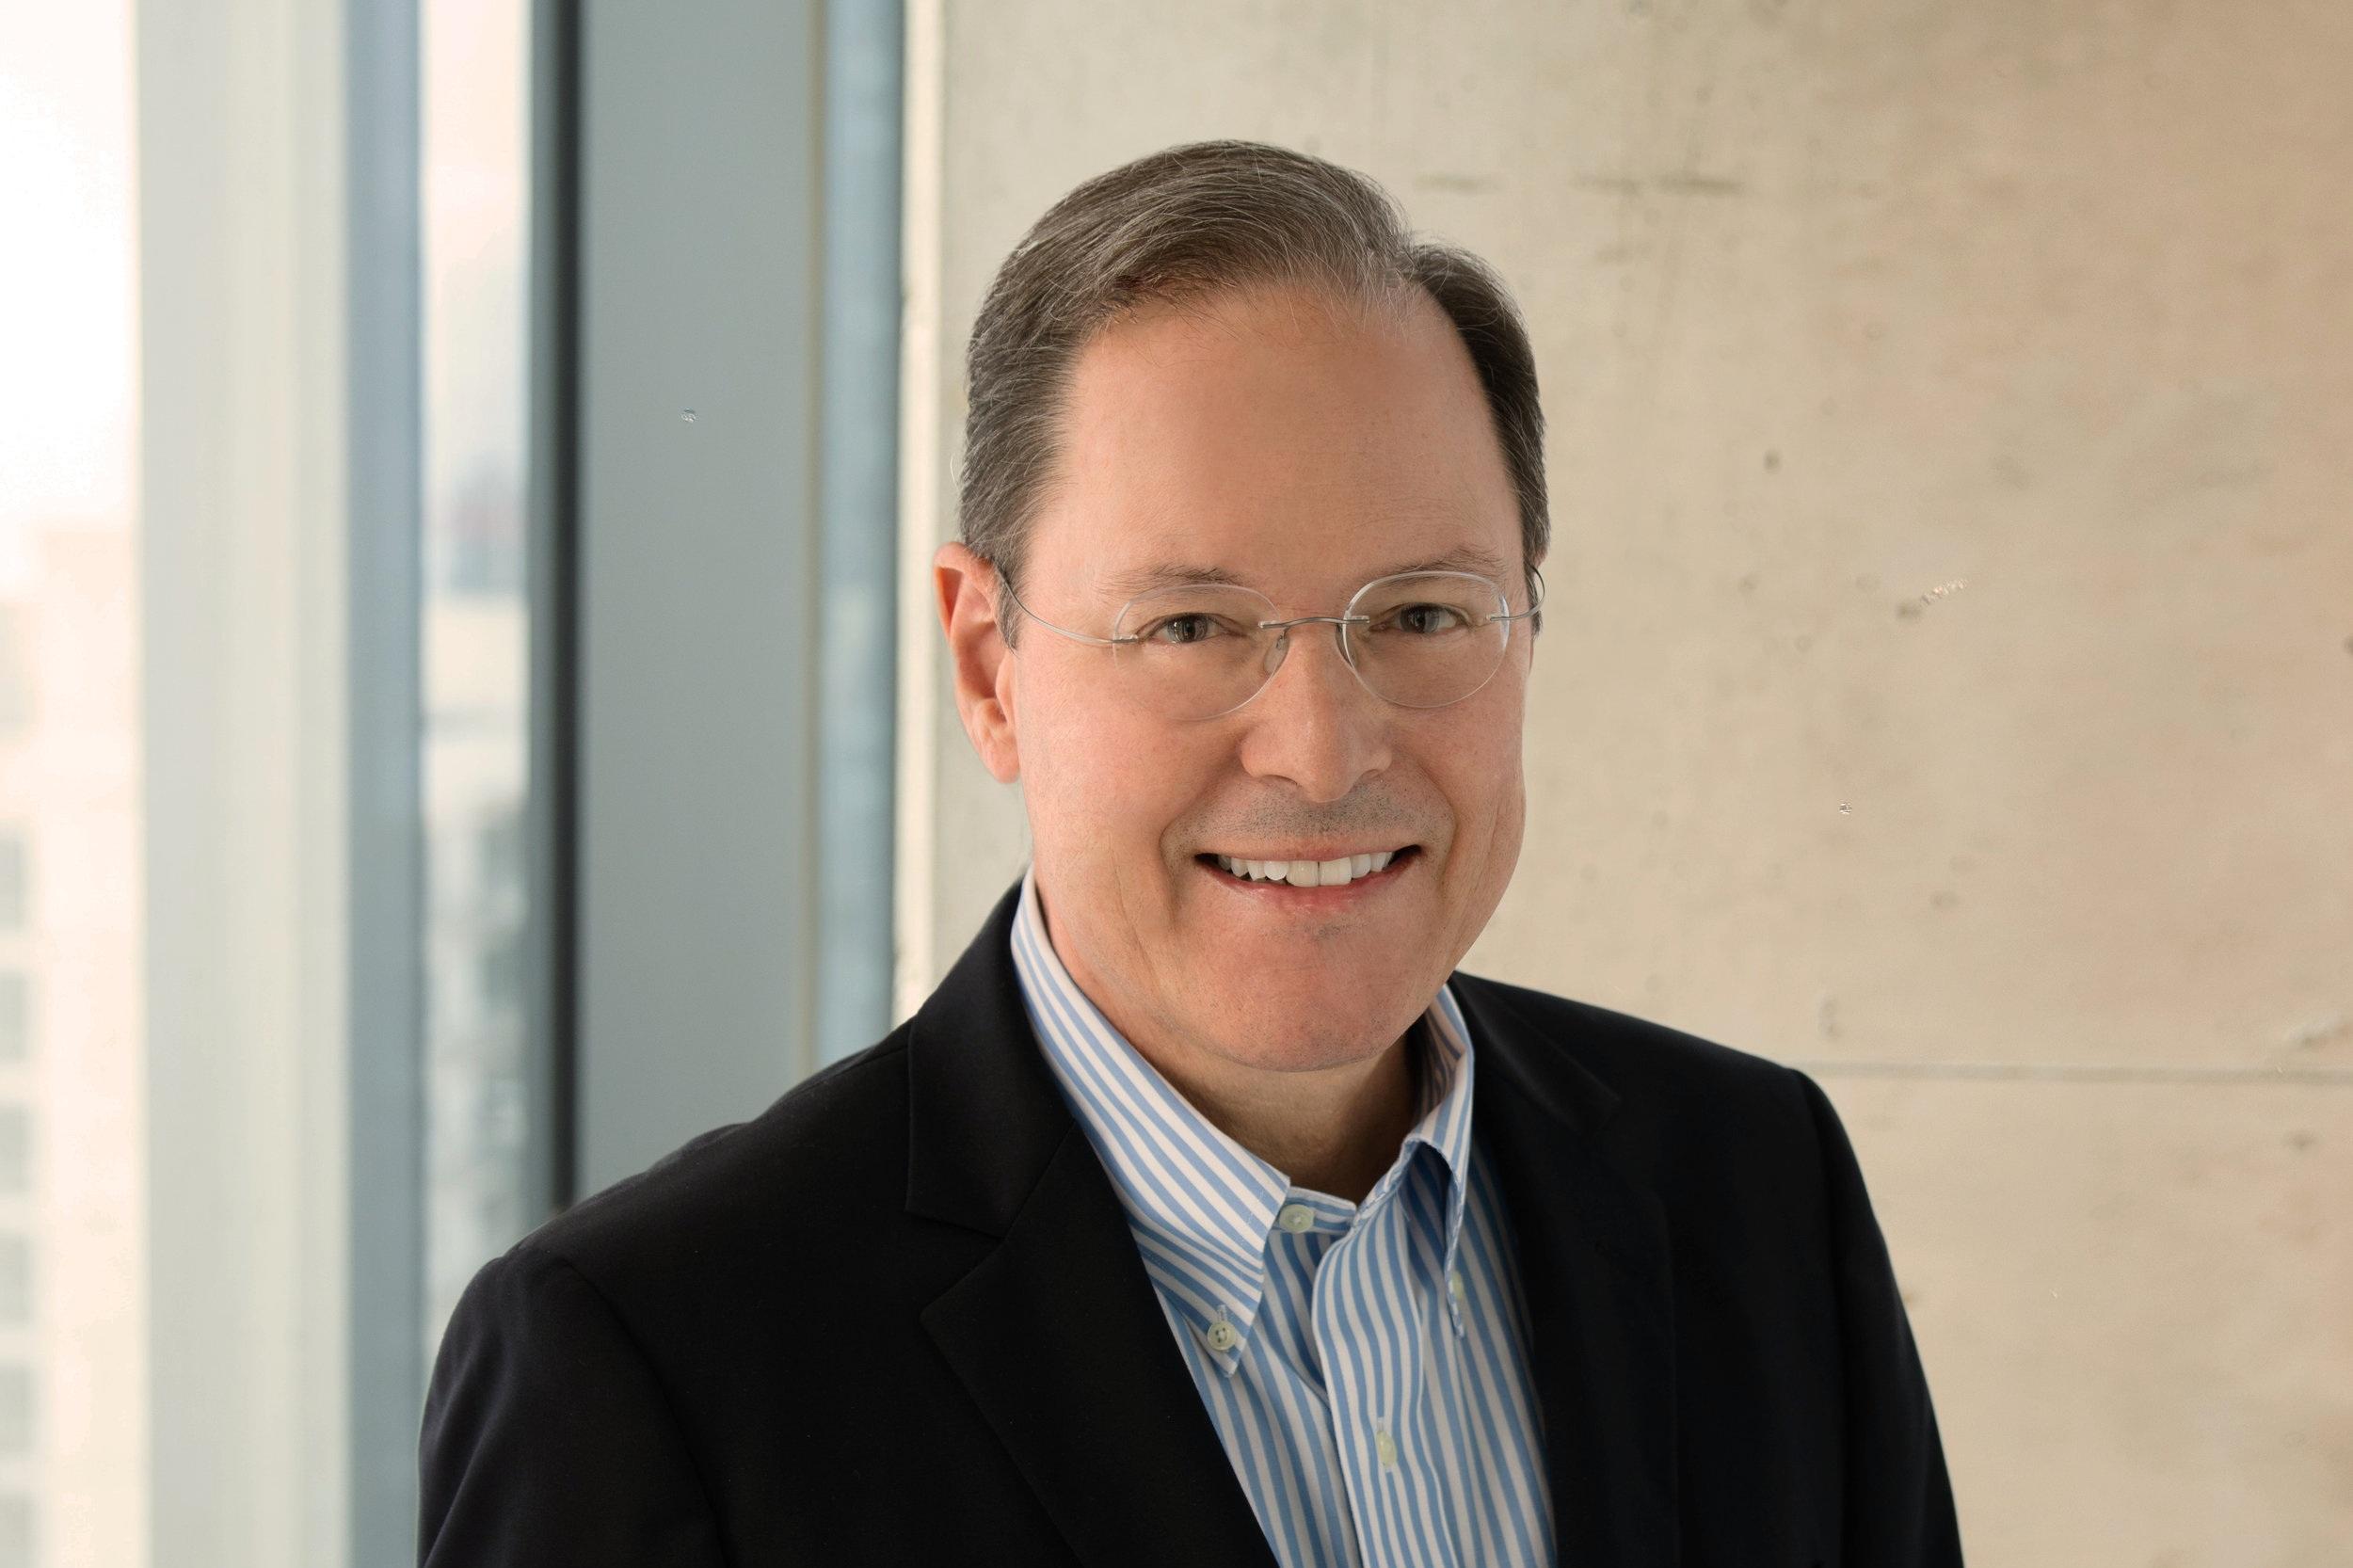 Partner & Managing Director - Randy Finch